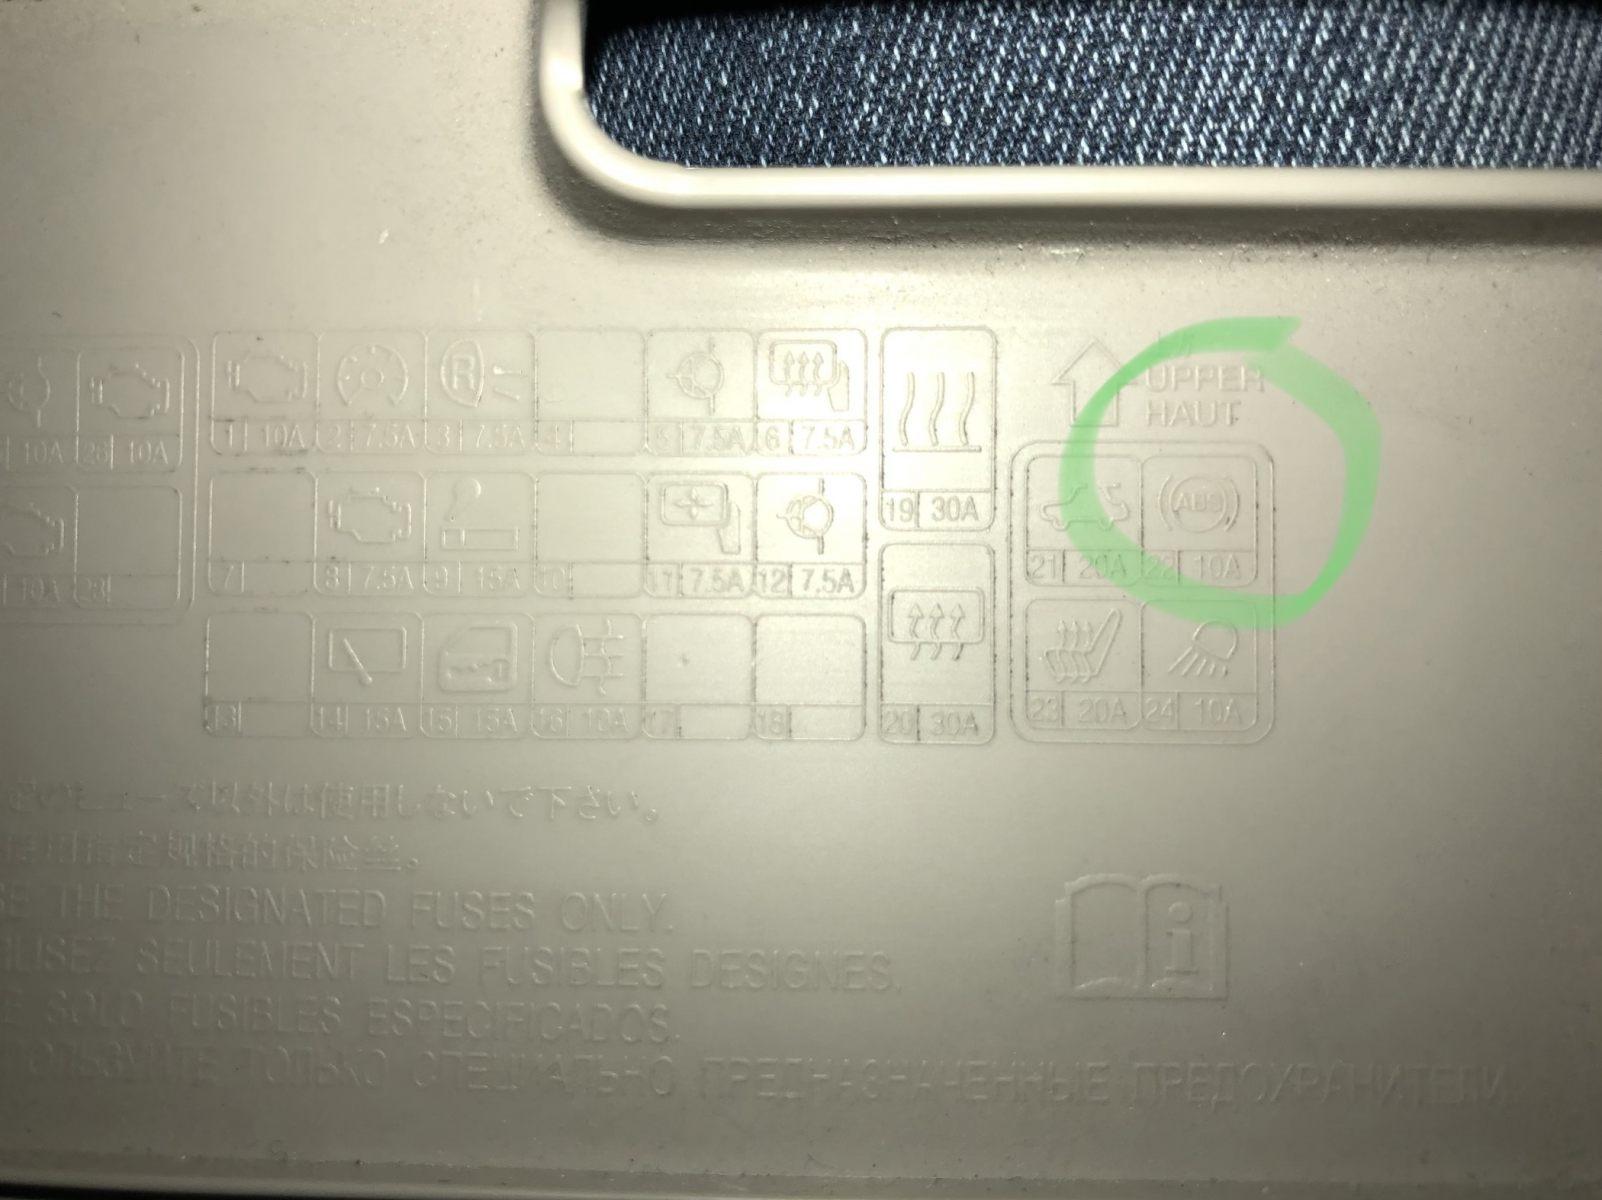 97B3BEC8-87F3-4464-8294-3DC4A2A99A1F.jpeg